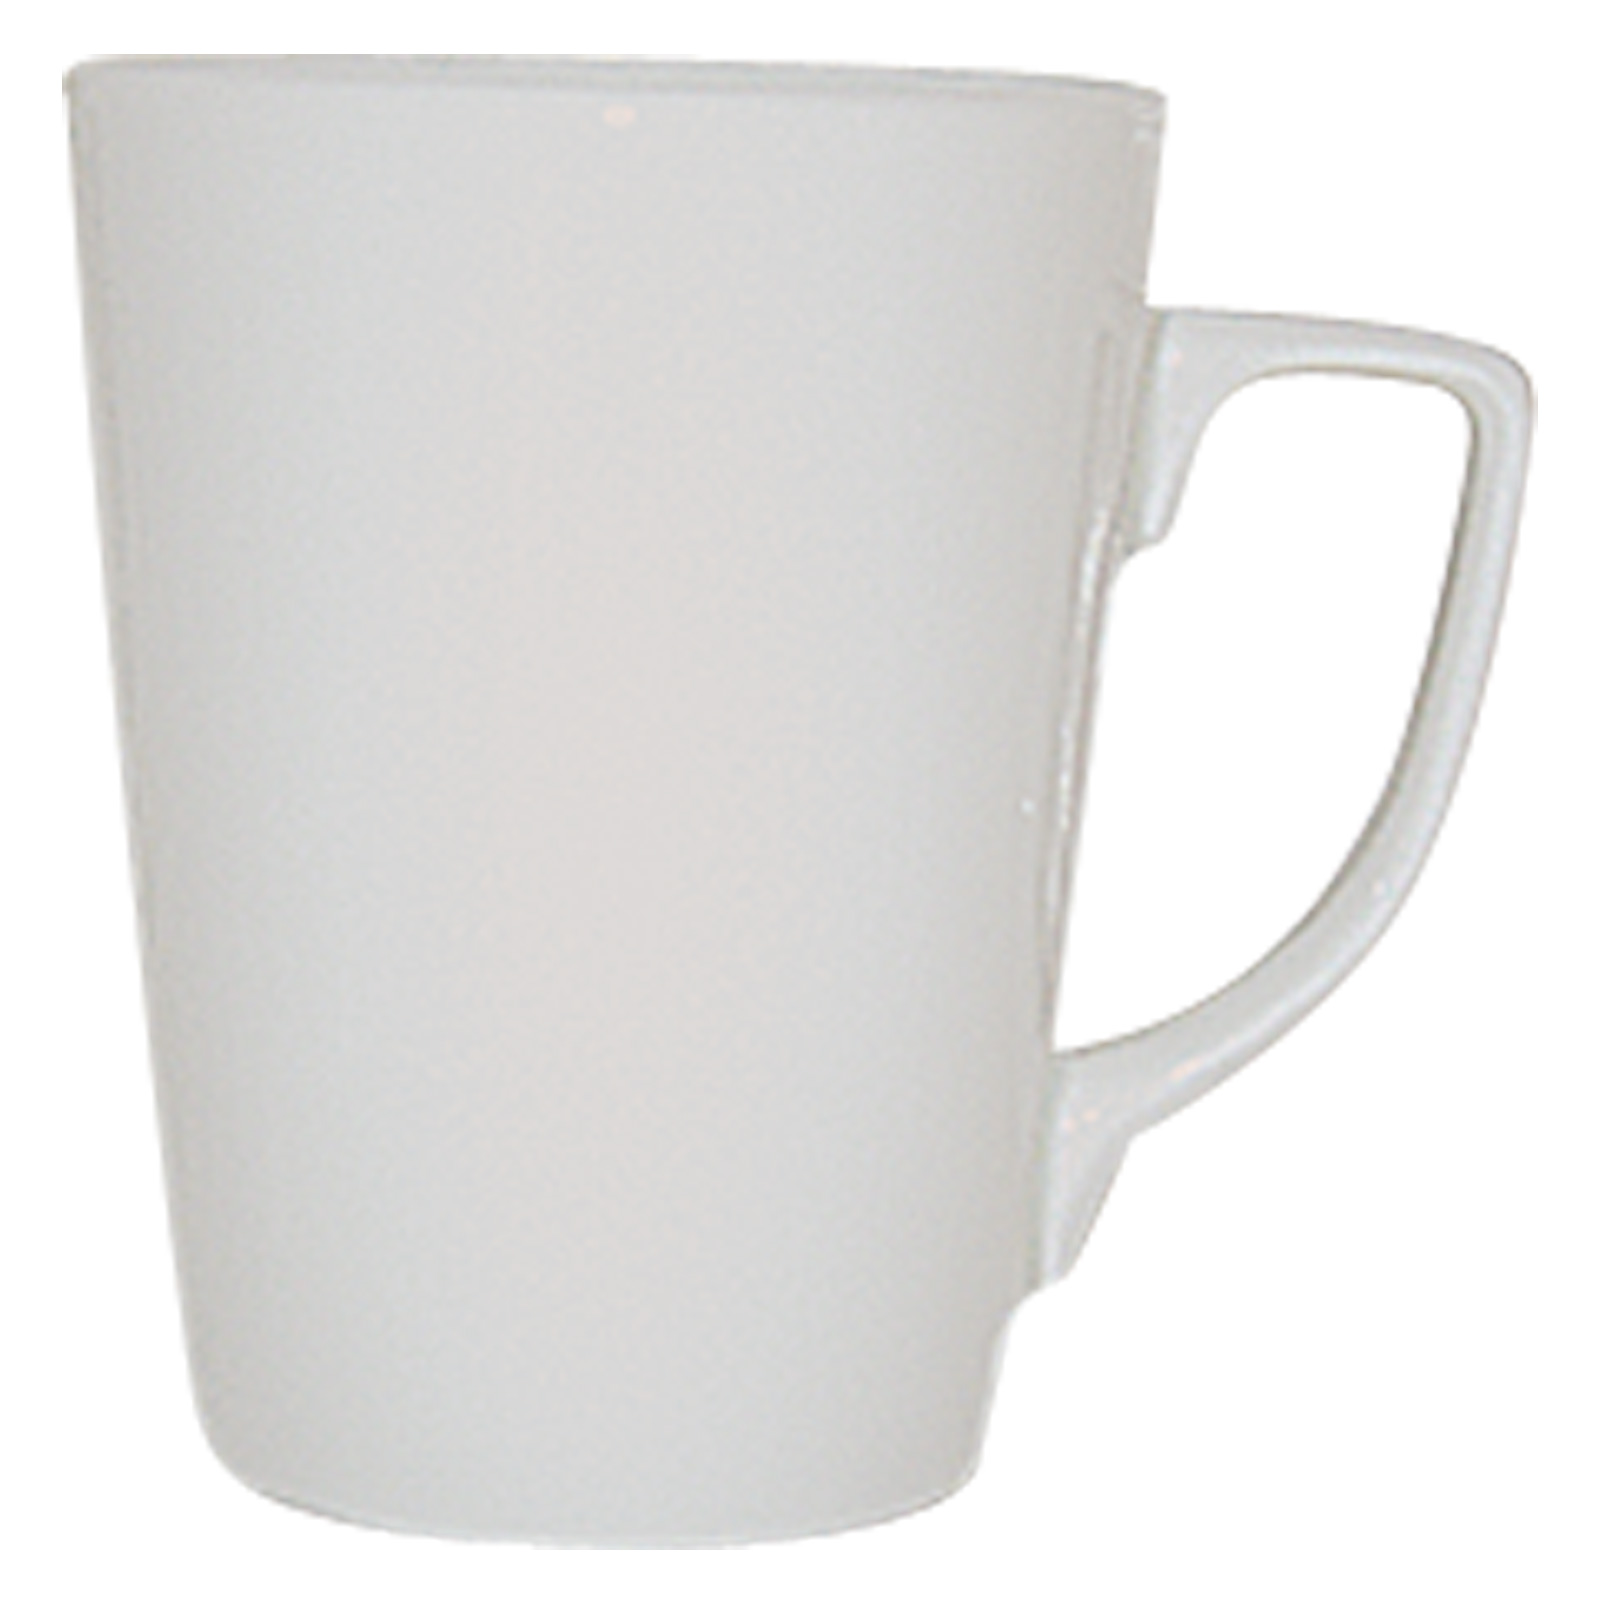 Trappo Mug Small